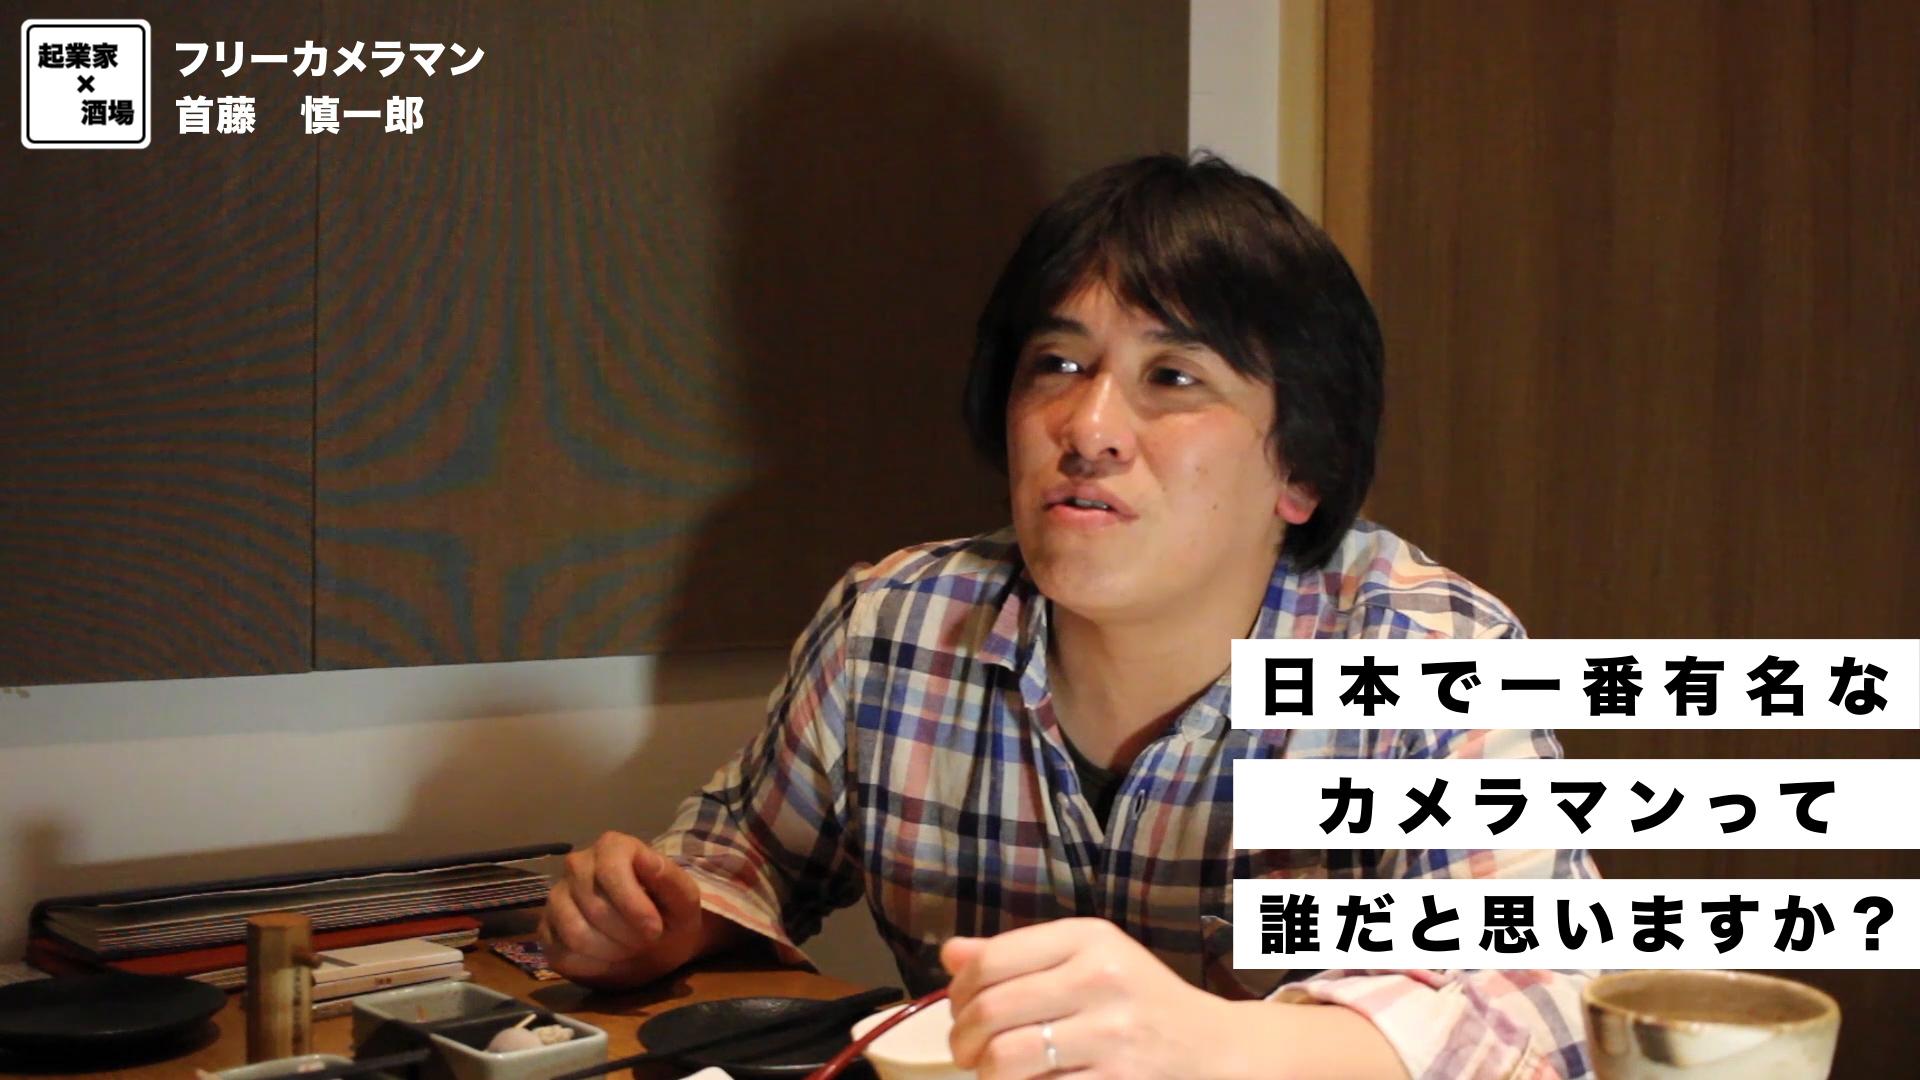 日本で一番有名なカメラマンとは